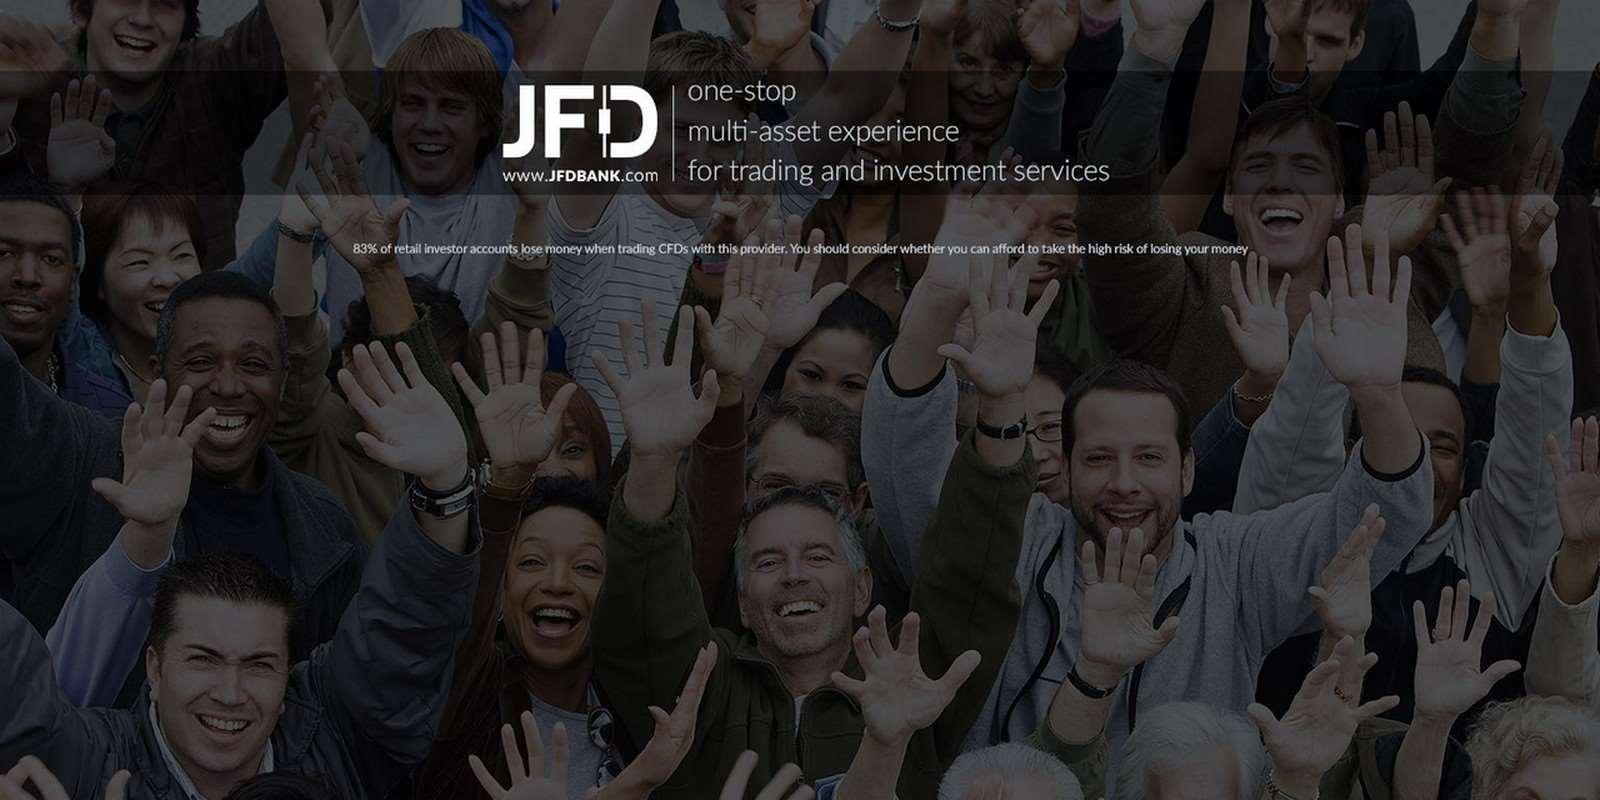 Oбзор брокера JFD Brokers, платформа и торговые условия